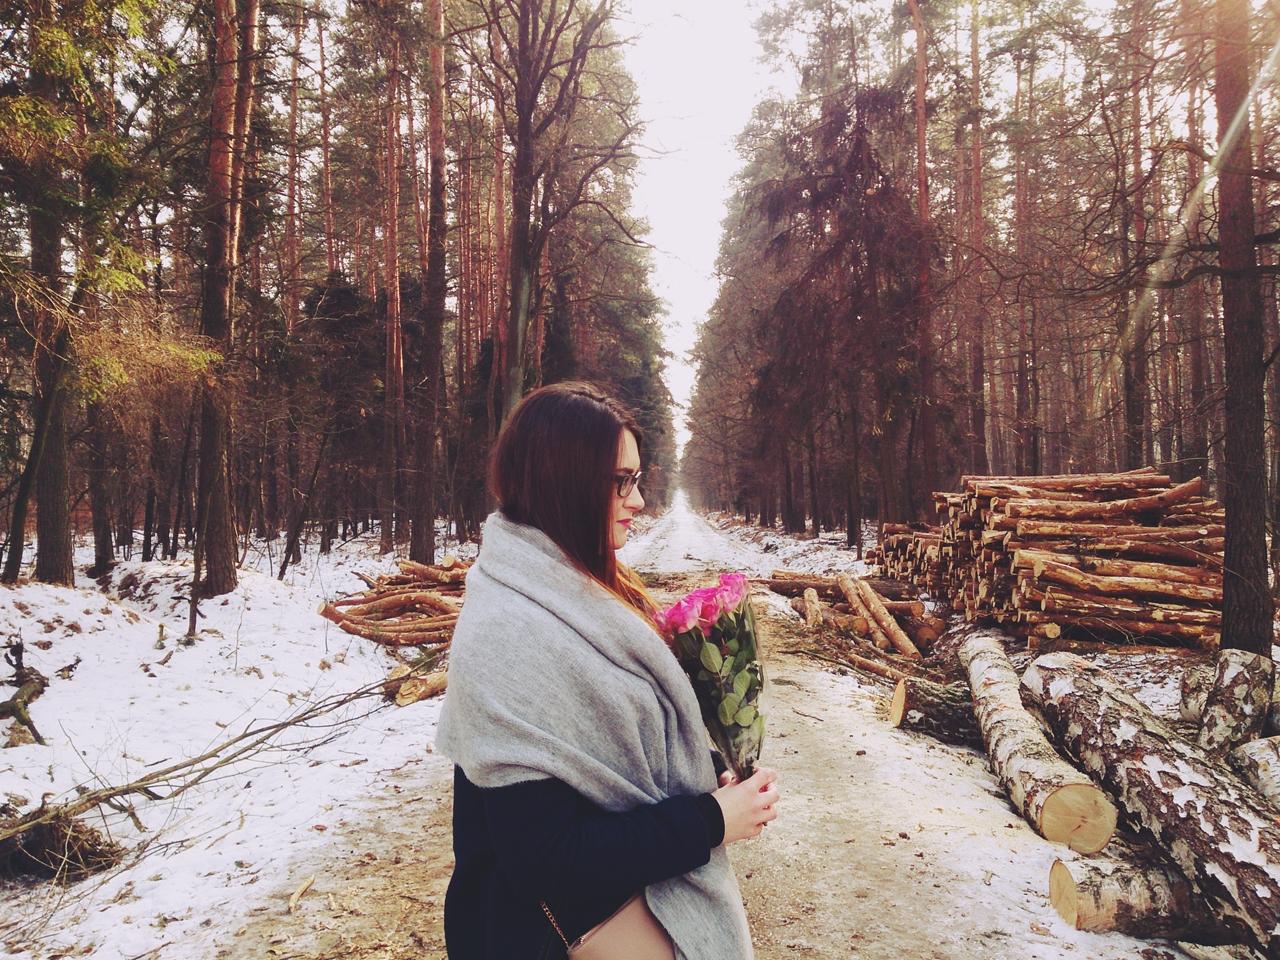 róże-roze-las-zima-że-jesteś